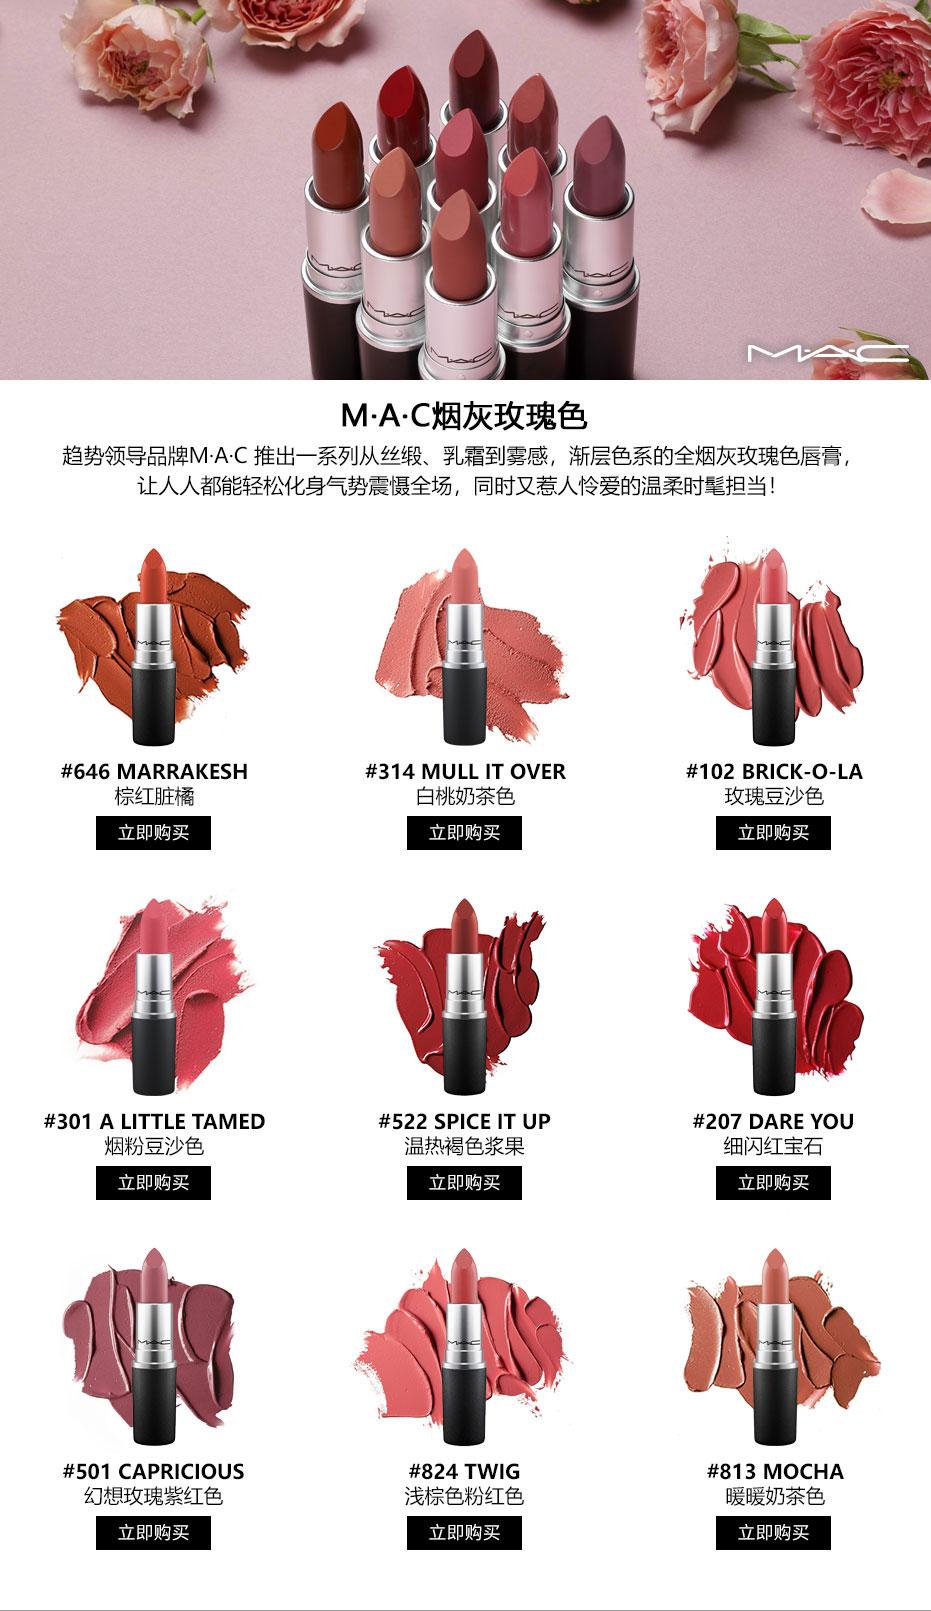 M·A·C烟灰玫瑰色 趋势领导品牌M·A·C 推出一系列从丝缎、乳霜到雾感,渐层色系的全烟灰玫瑰色唇膏, 让人人都能轻松化身气势震慑全场,同时又惹人怜爱的温柔时髦担当!